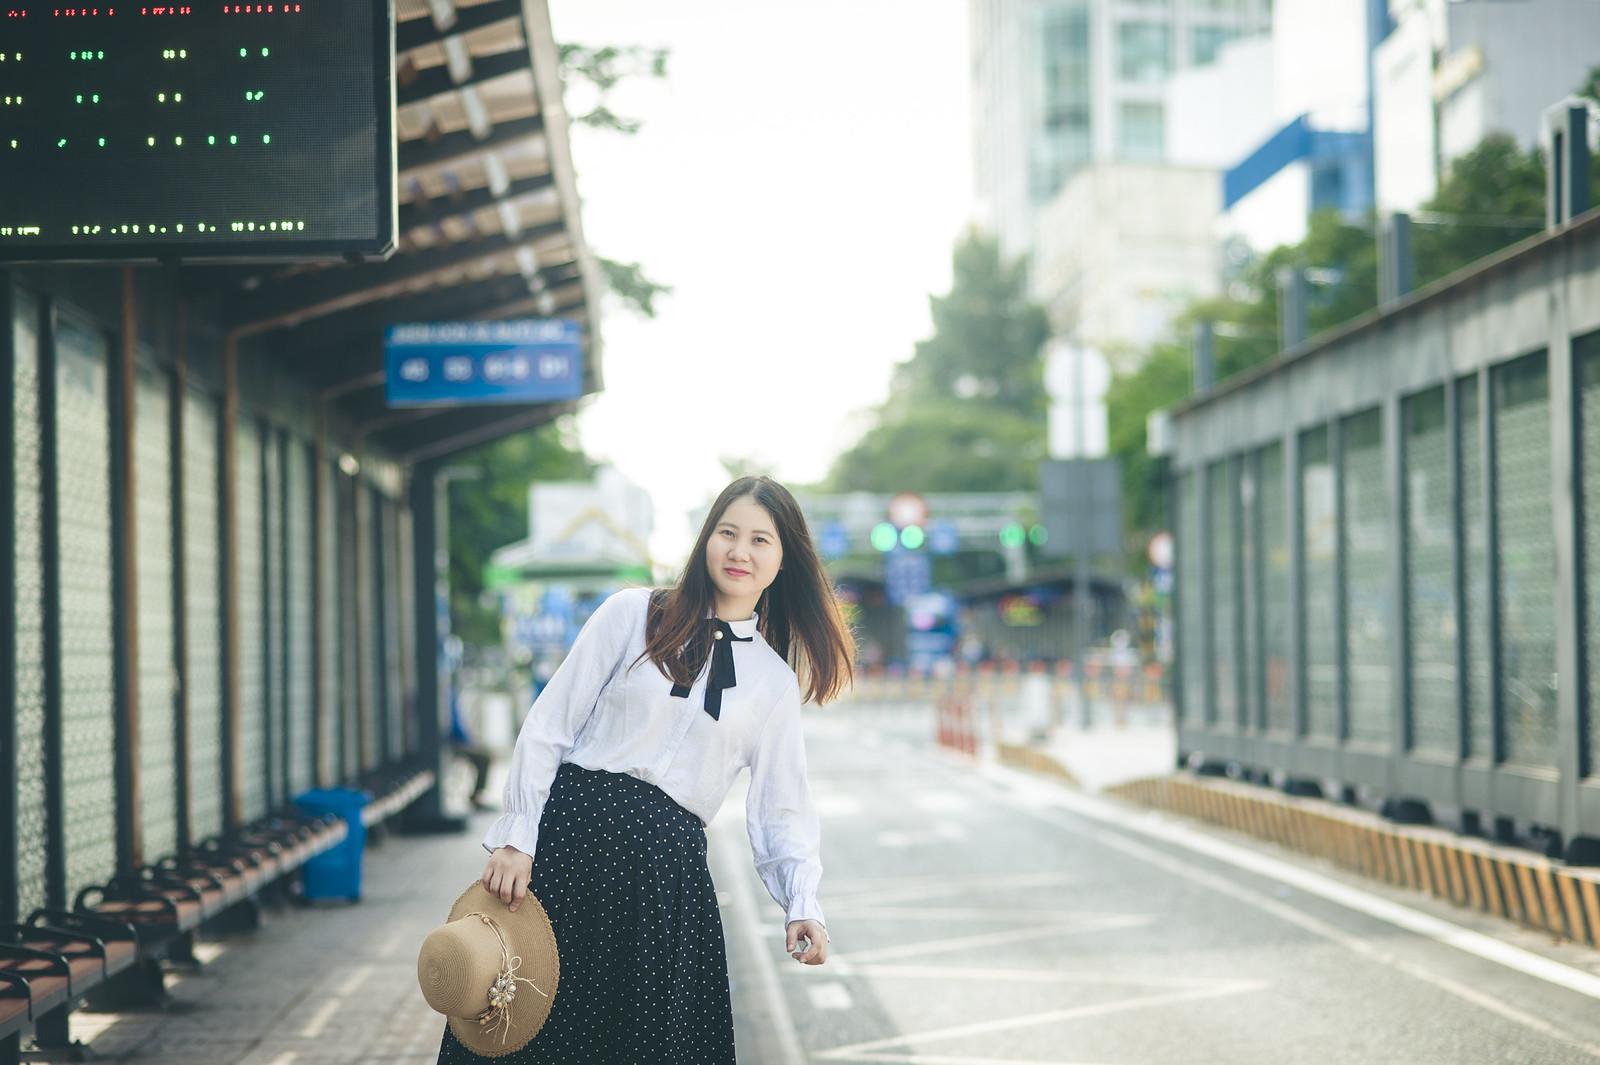 29253486738 edd05de8b9 h - Trạm xe buýt quận 1, địa điểm check-in mới cho giới trẻ Sài Gòn